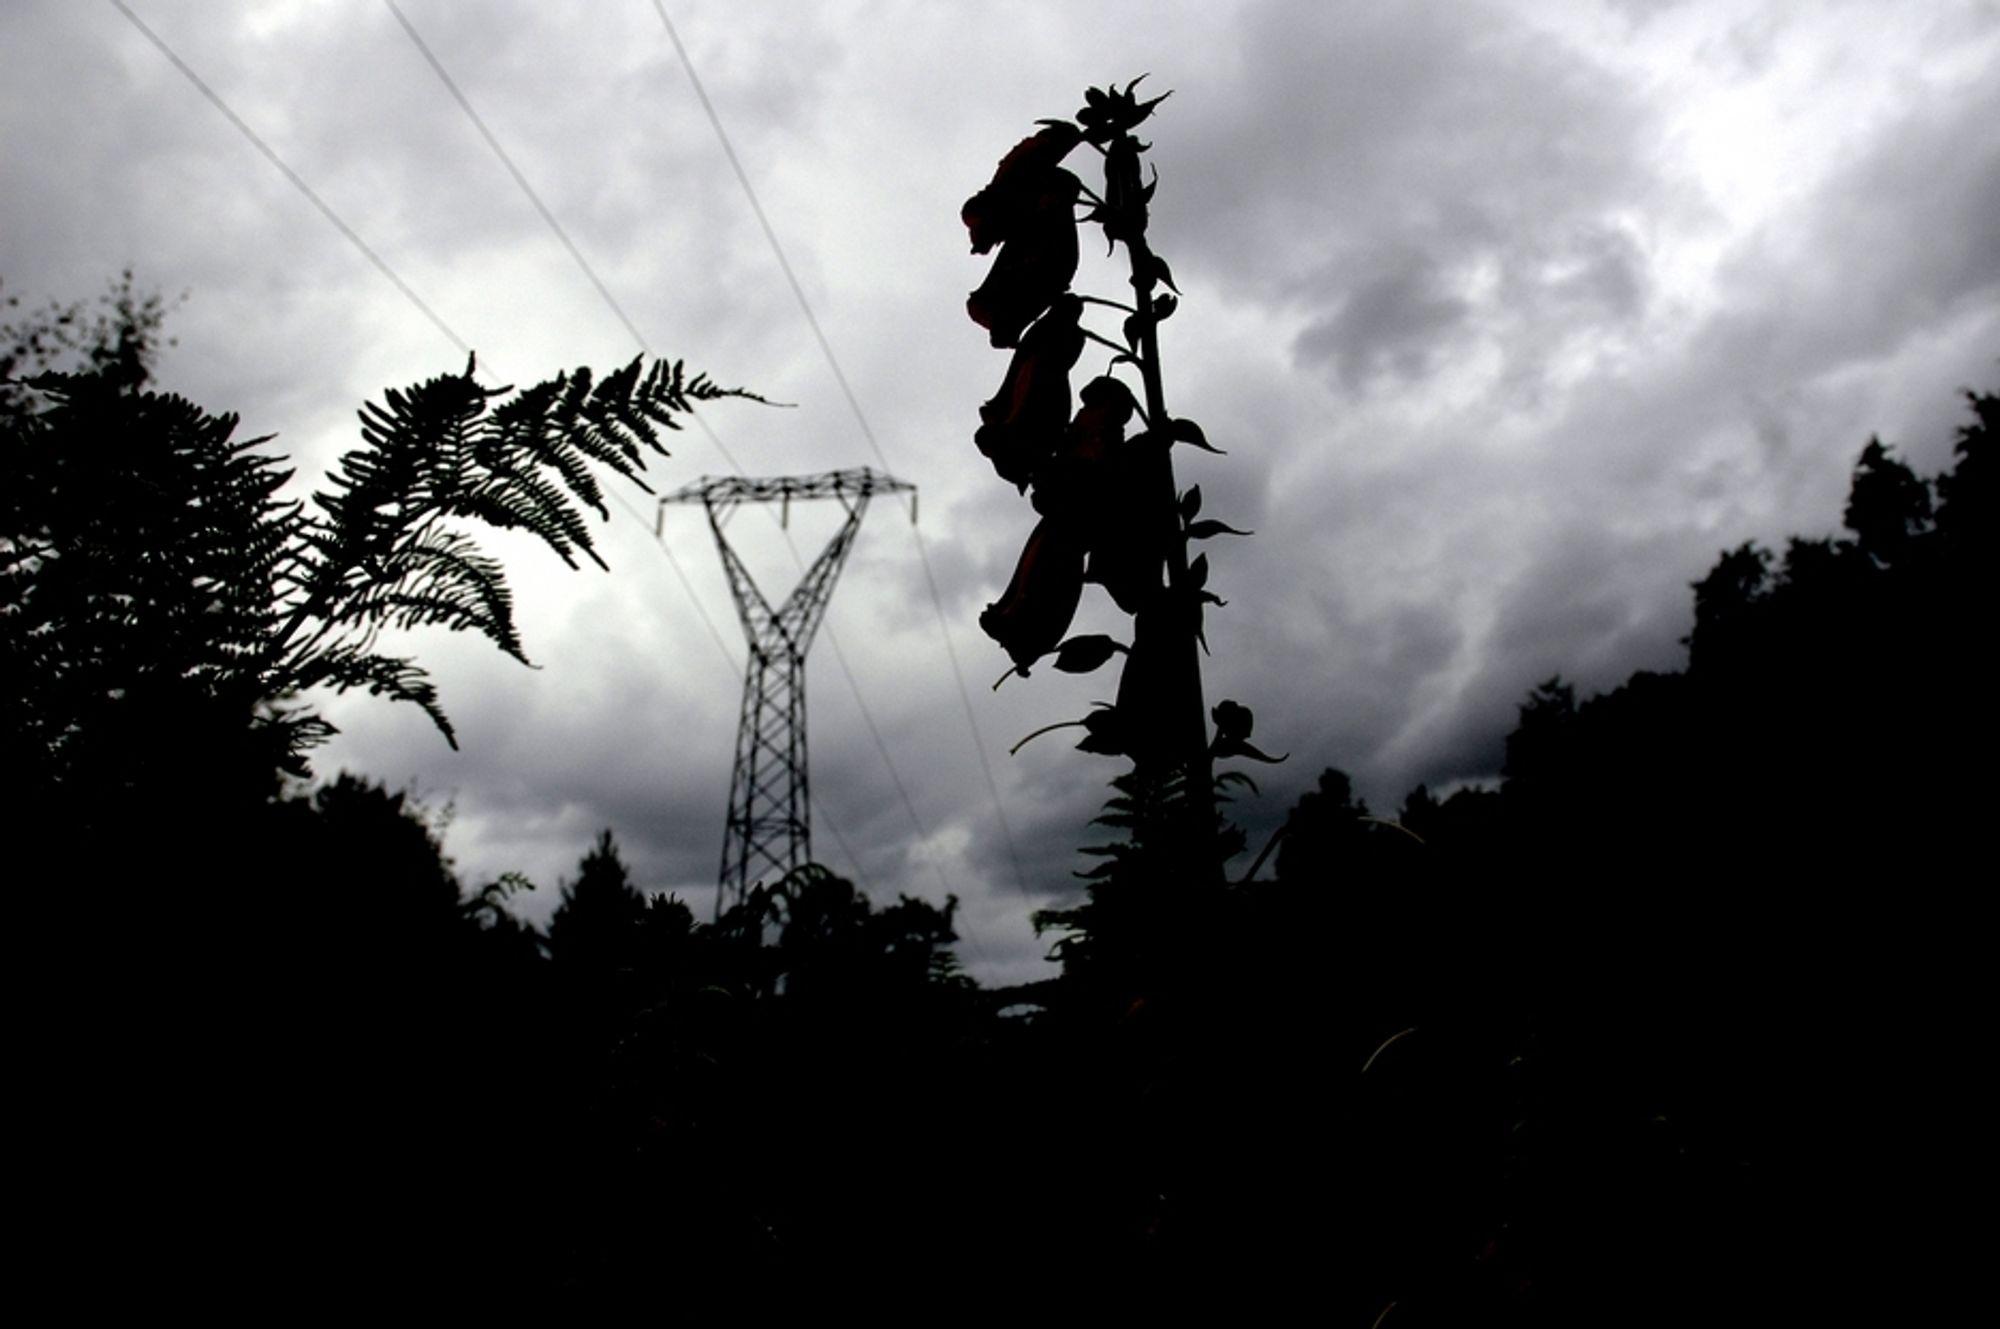 FJERNES IKKE: Disse kraftlinjene mellom Moskog og Grov i Sogn og Fjordane blir stående inntil videre. I dag vedtok regjeringen at 134 kilometer av 280 kilometer kraftlinje mellom Sør- og Midt-Norge skal på begynnes. Regjeringen avgjør klagene på resten av strekningen i løpet av 2011.